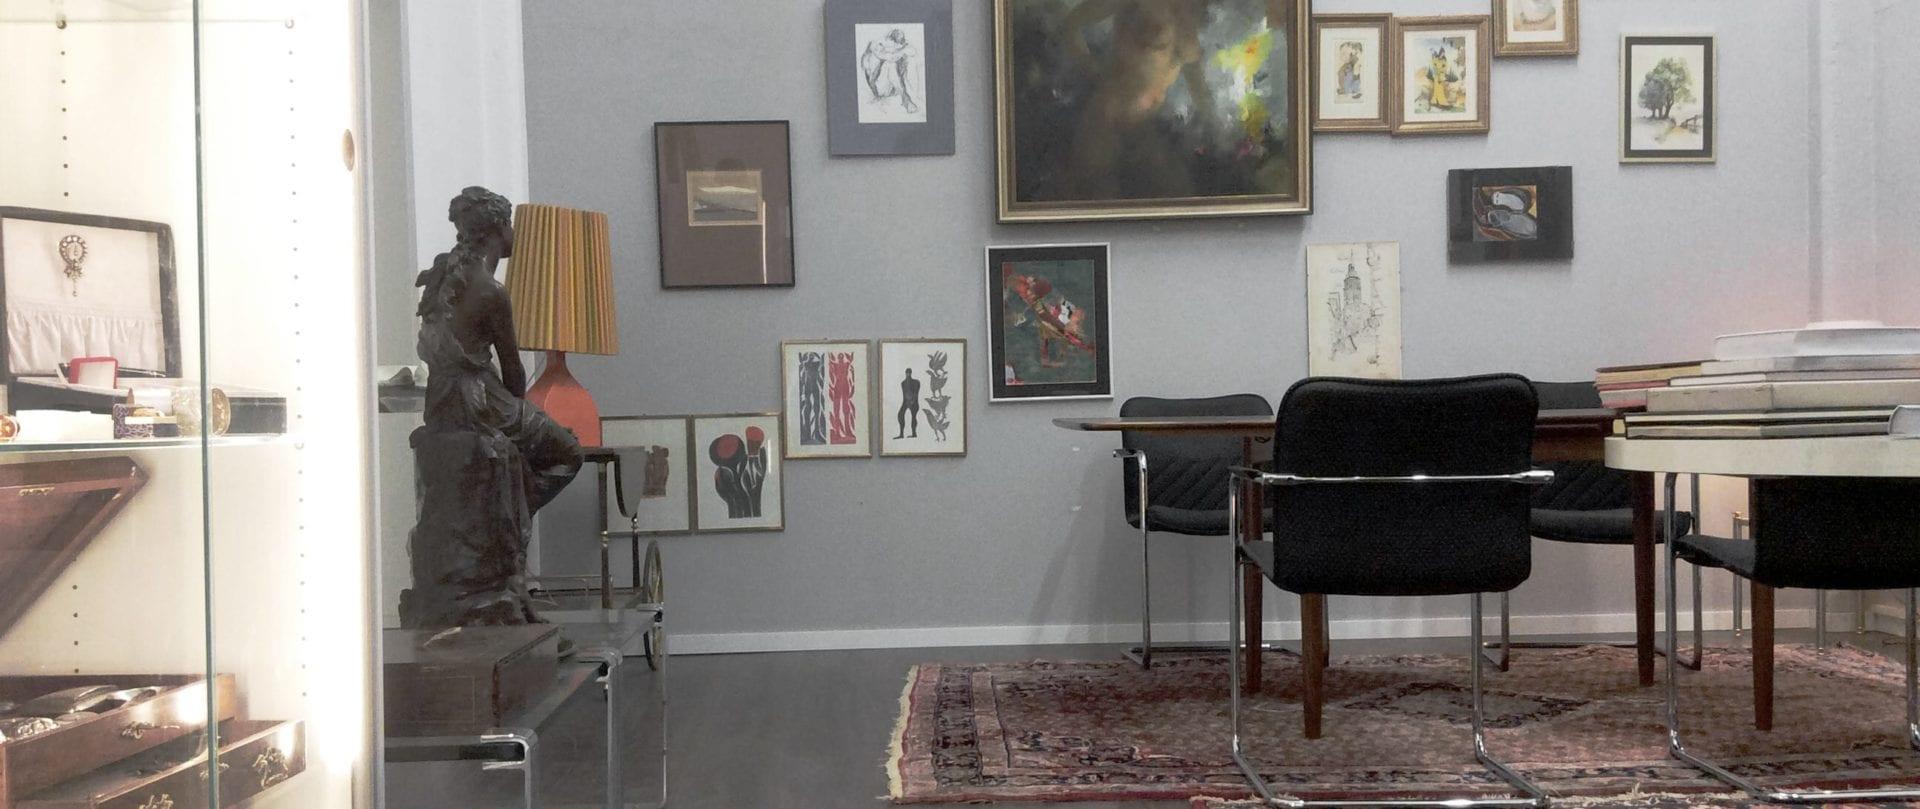 auktionshaus stuttgart auction house bad cannstatt killesberg auction auktion versteigerung versteigern